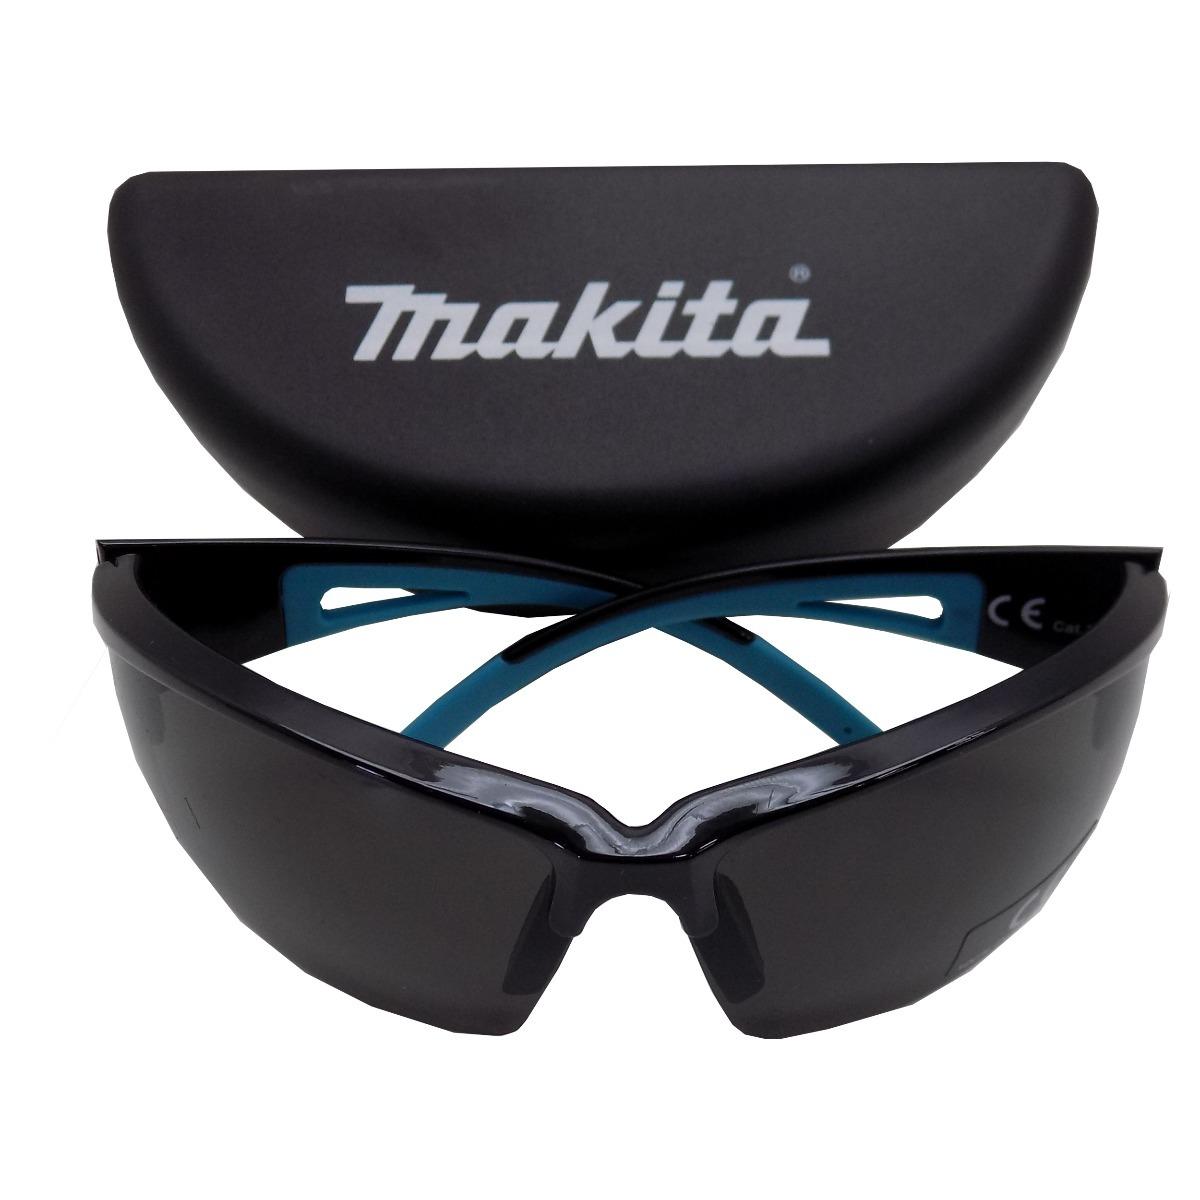 Oculos De Sol Epi Esporte Proteção Uv 400 Makita Top - R  42,00 em ... 1a9ea8bc94